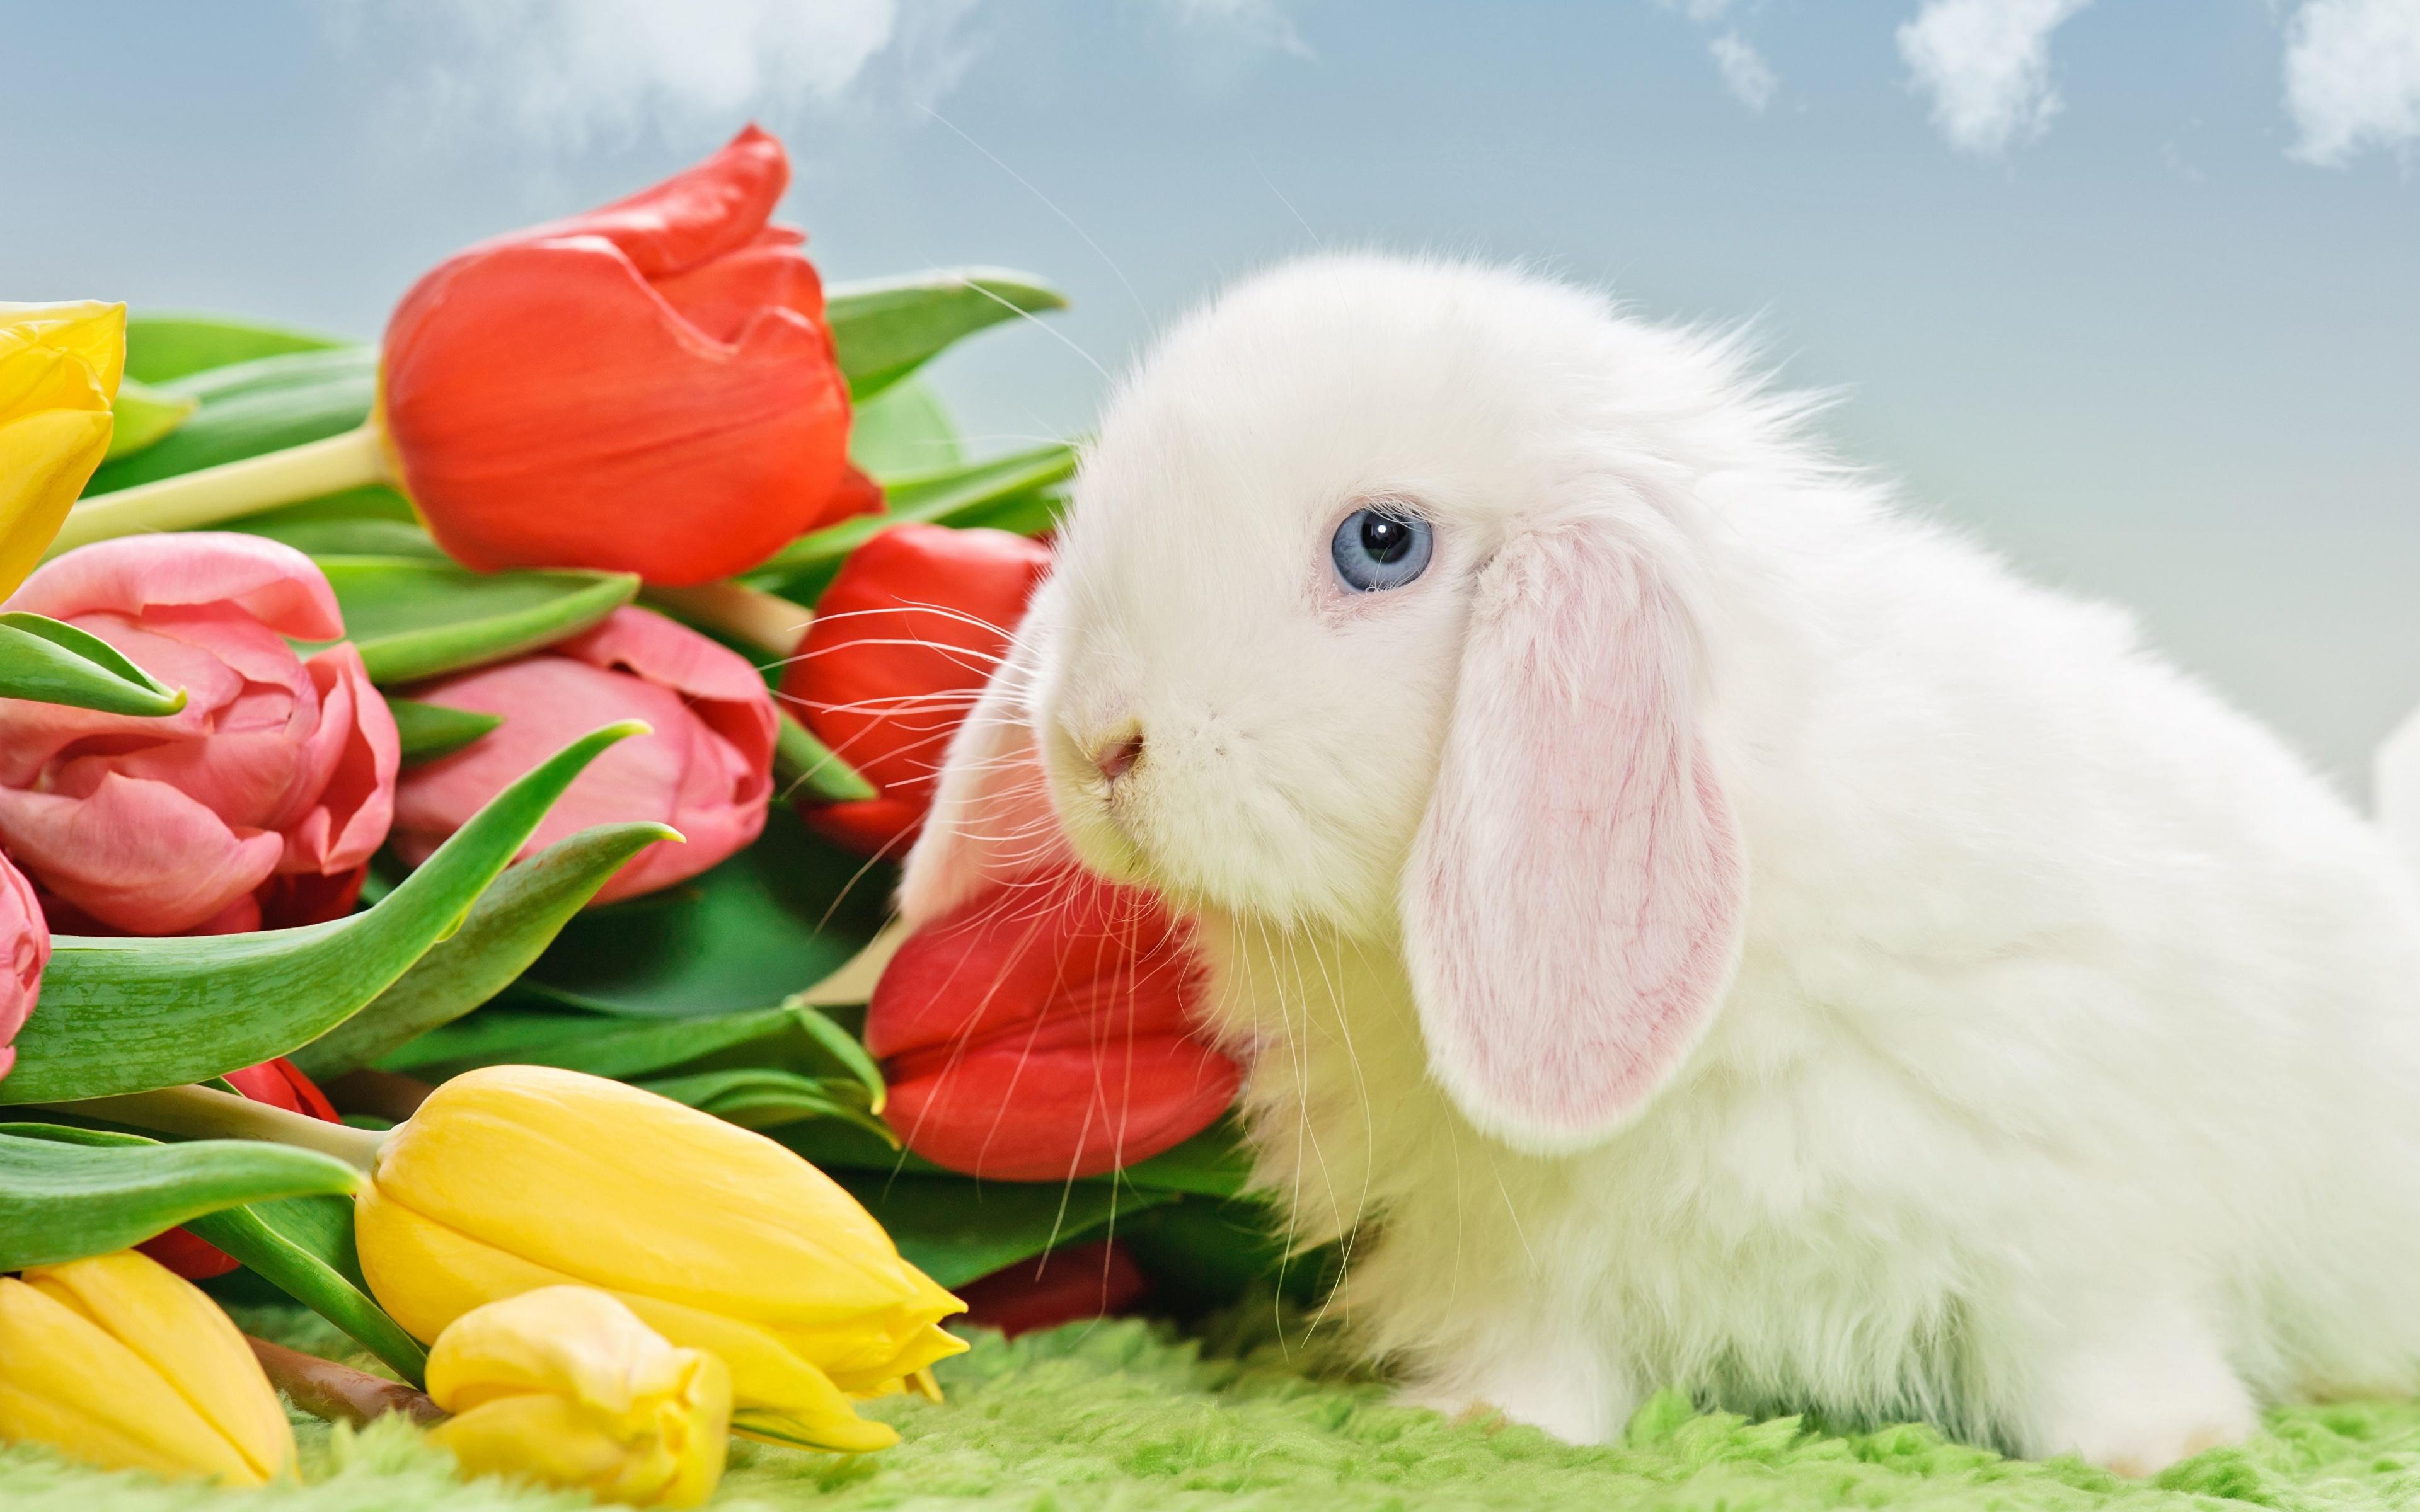 природа кролик цветы тюльпаны яйца пасха  № 271722 загрузить